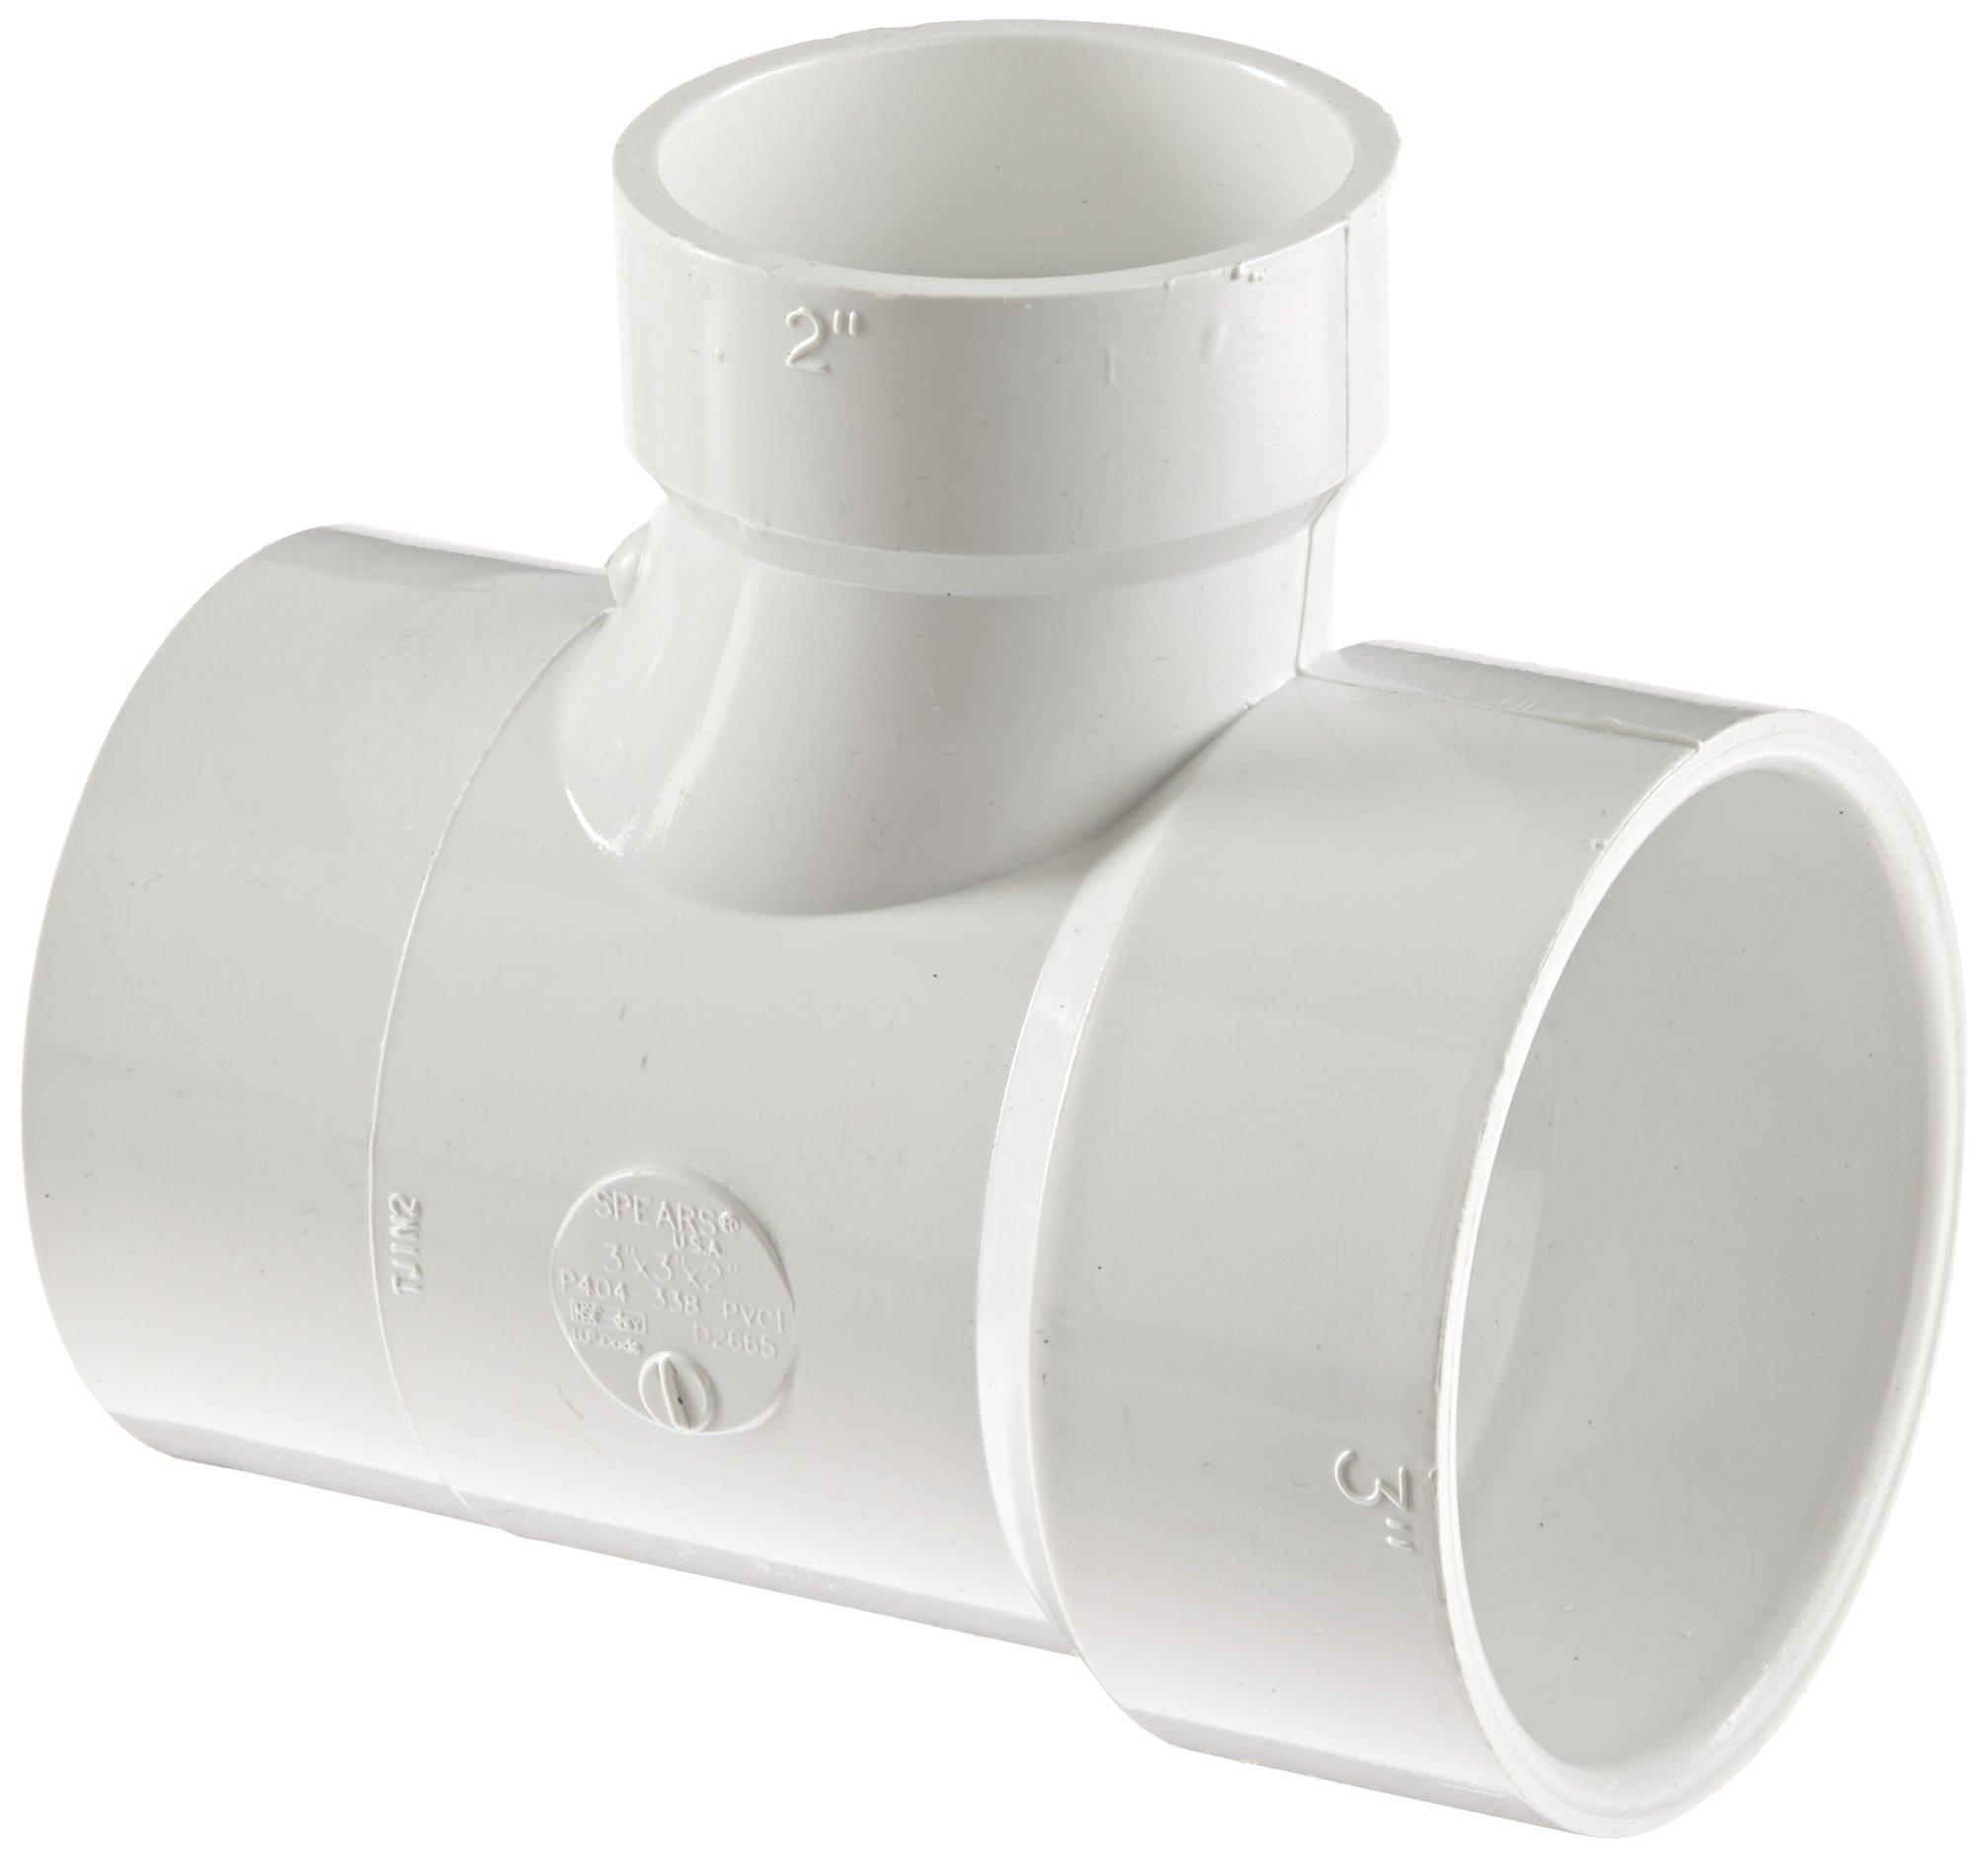 Spears P404 Series PVC DWV Pipe Fitting, Reducing Sanitary Tee, 3'' Spigot x 3'' Hub x 2'' Hub